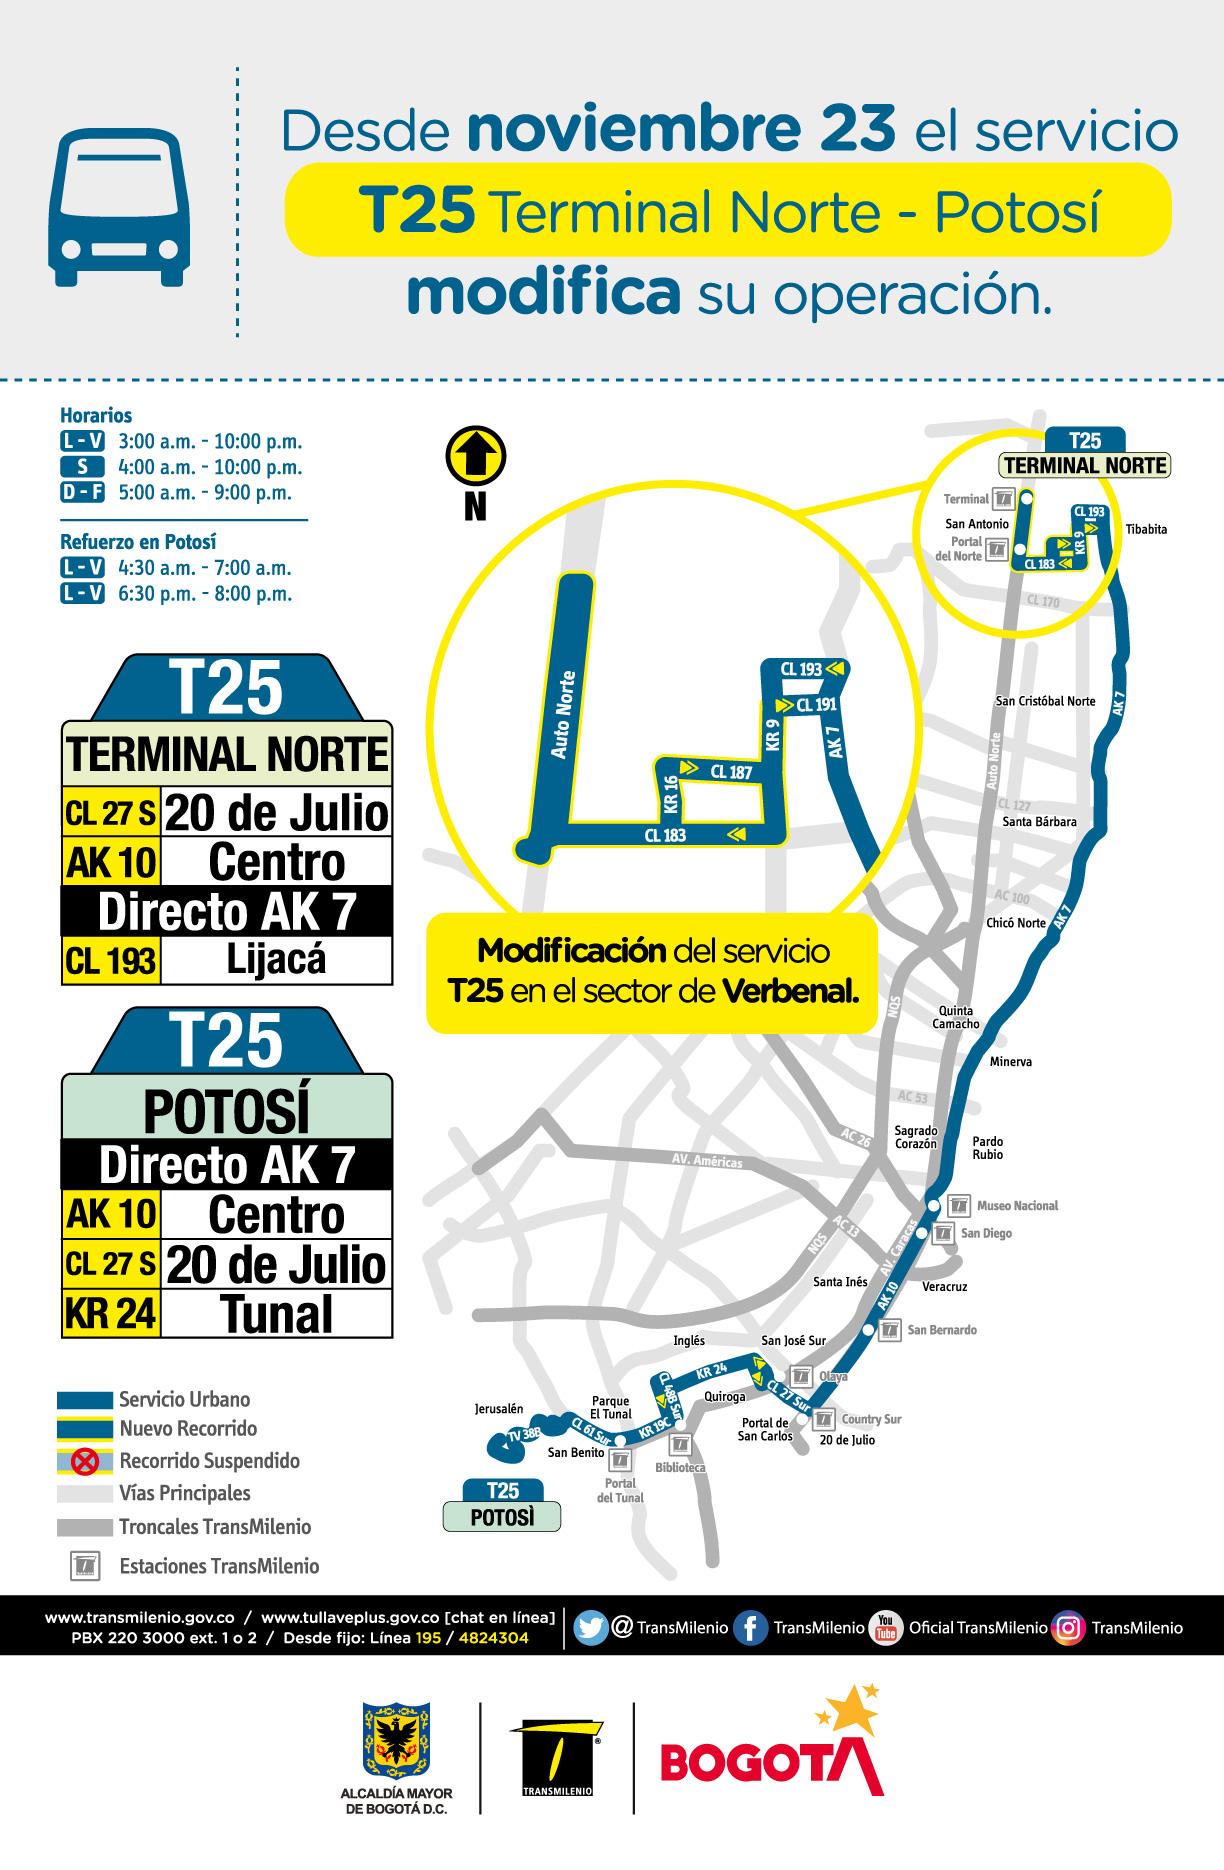 T25 Terminal Norte - Potosí